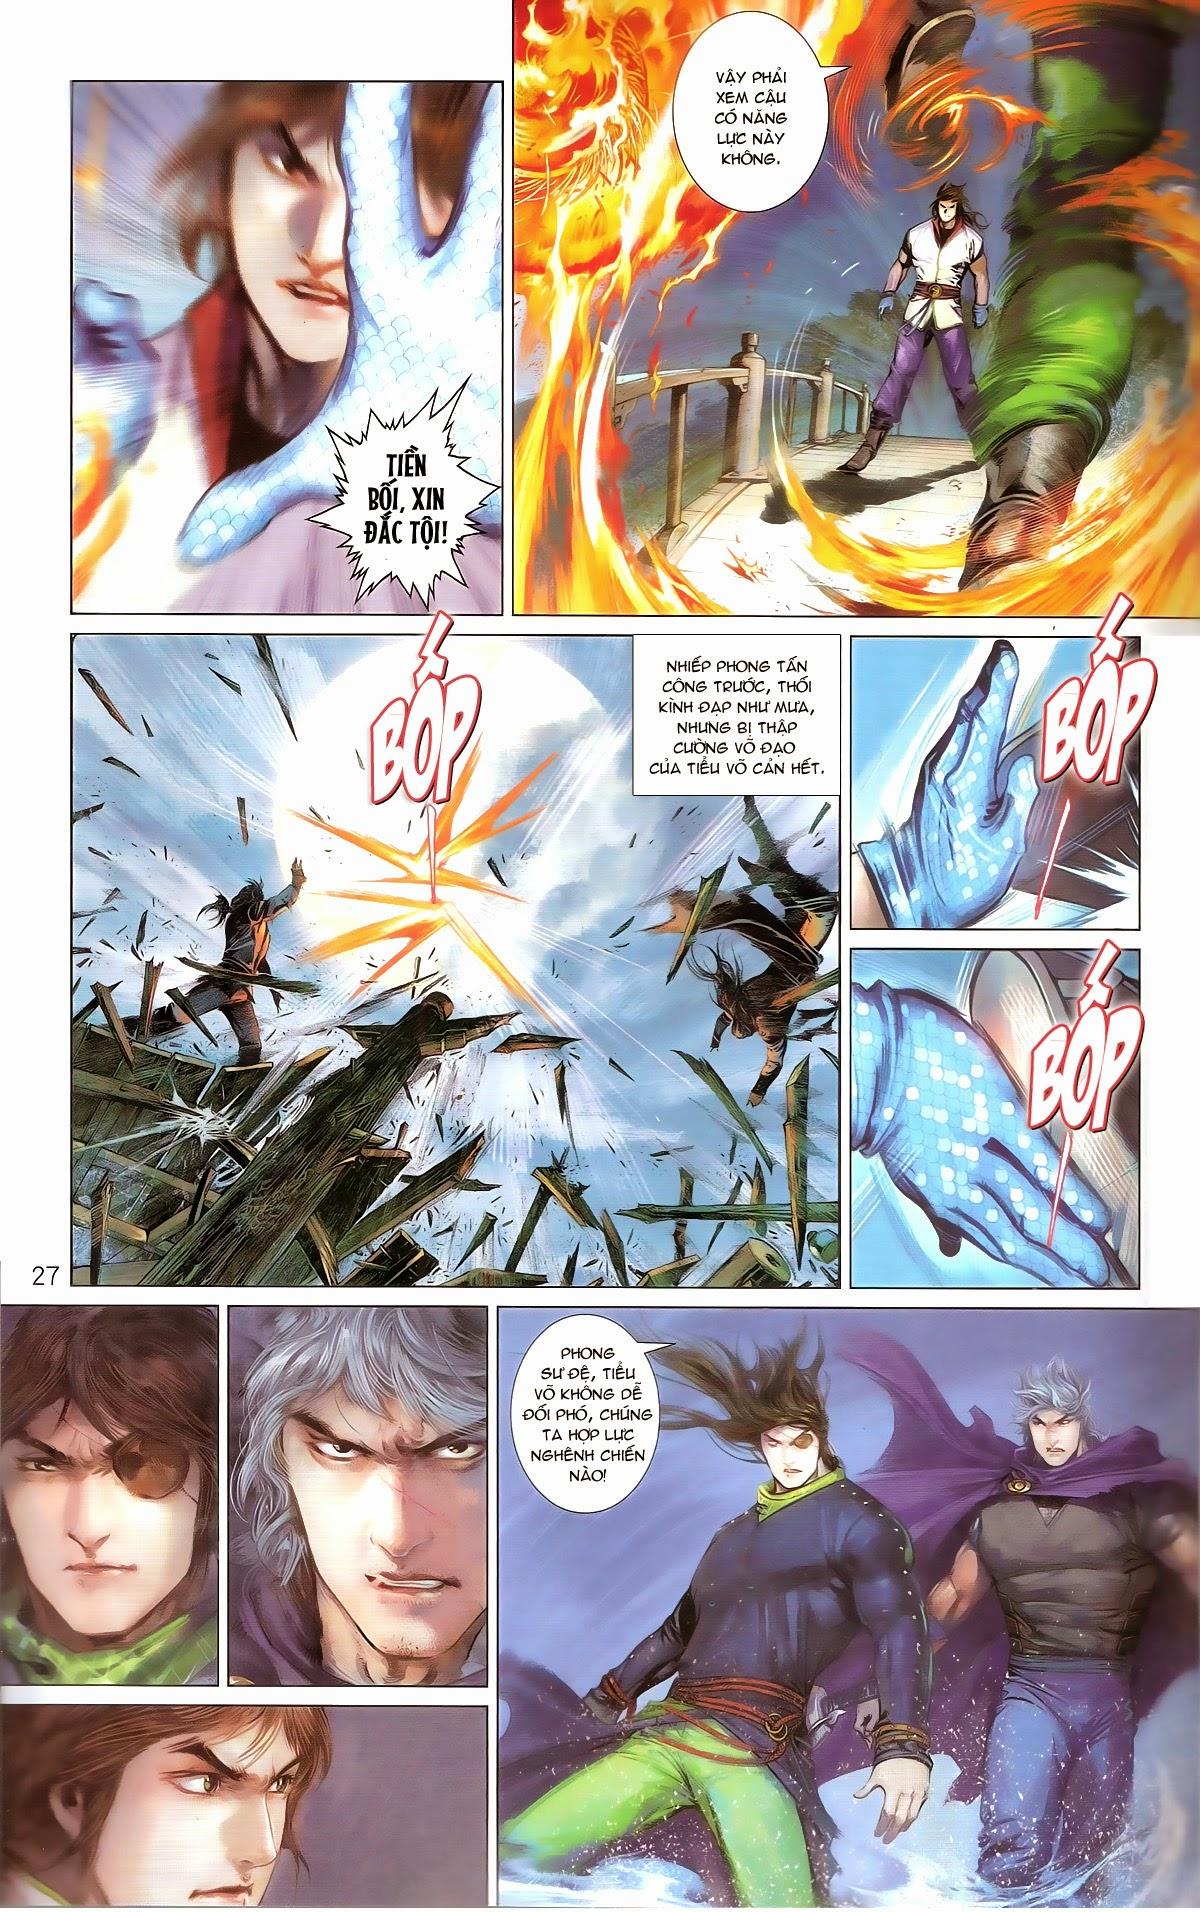 Phong Vân chap 674 – End Trang 29 - Mangak.info